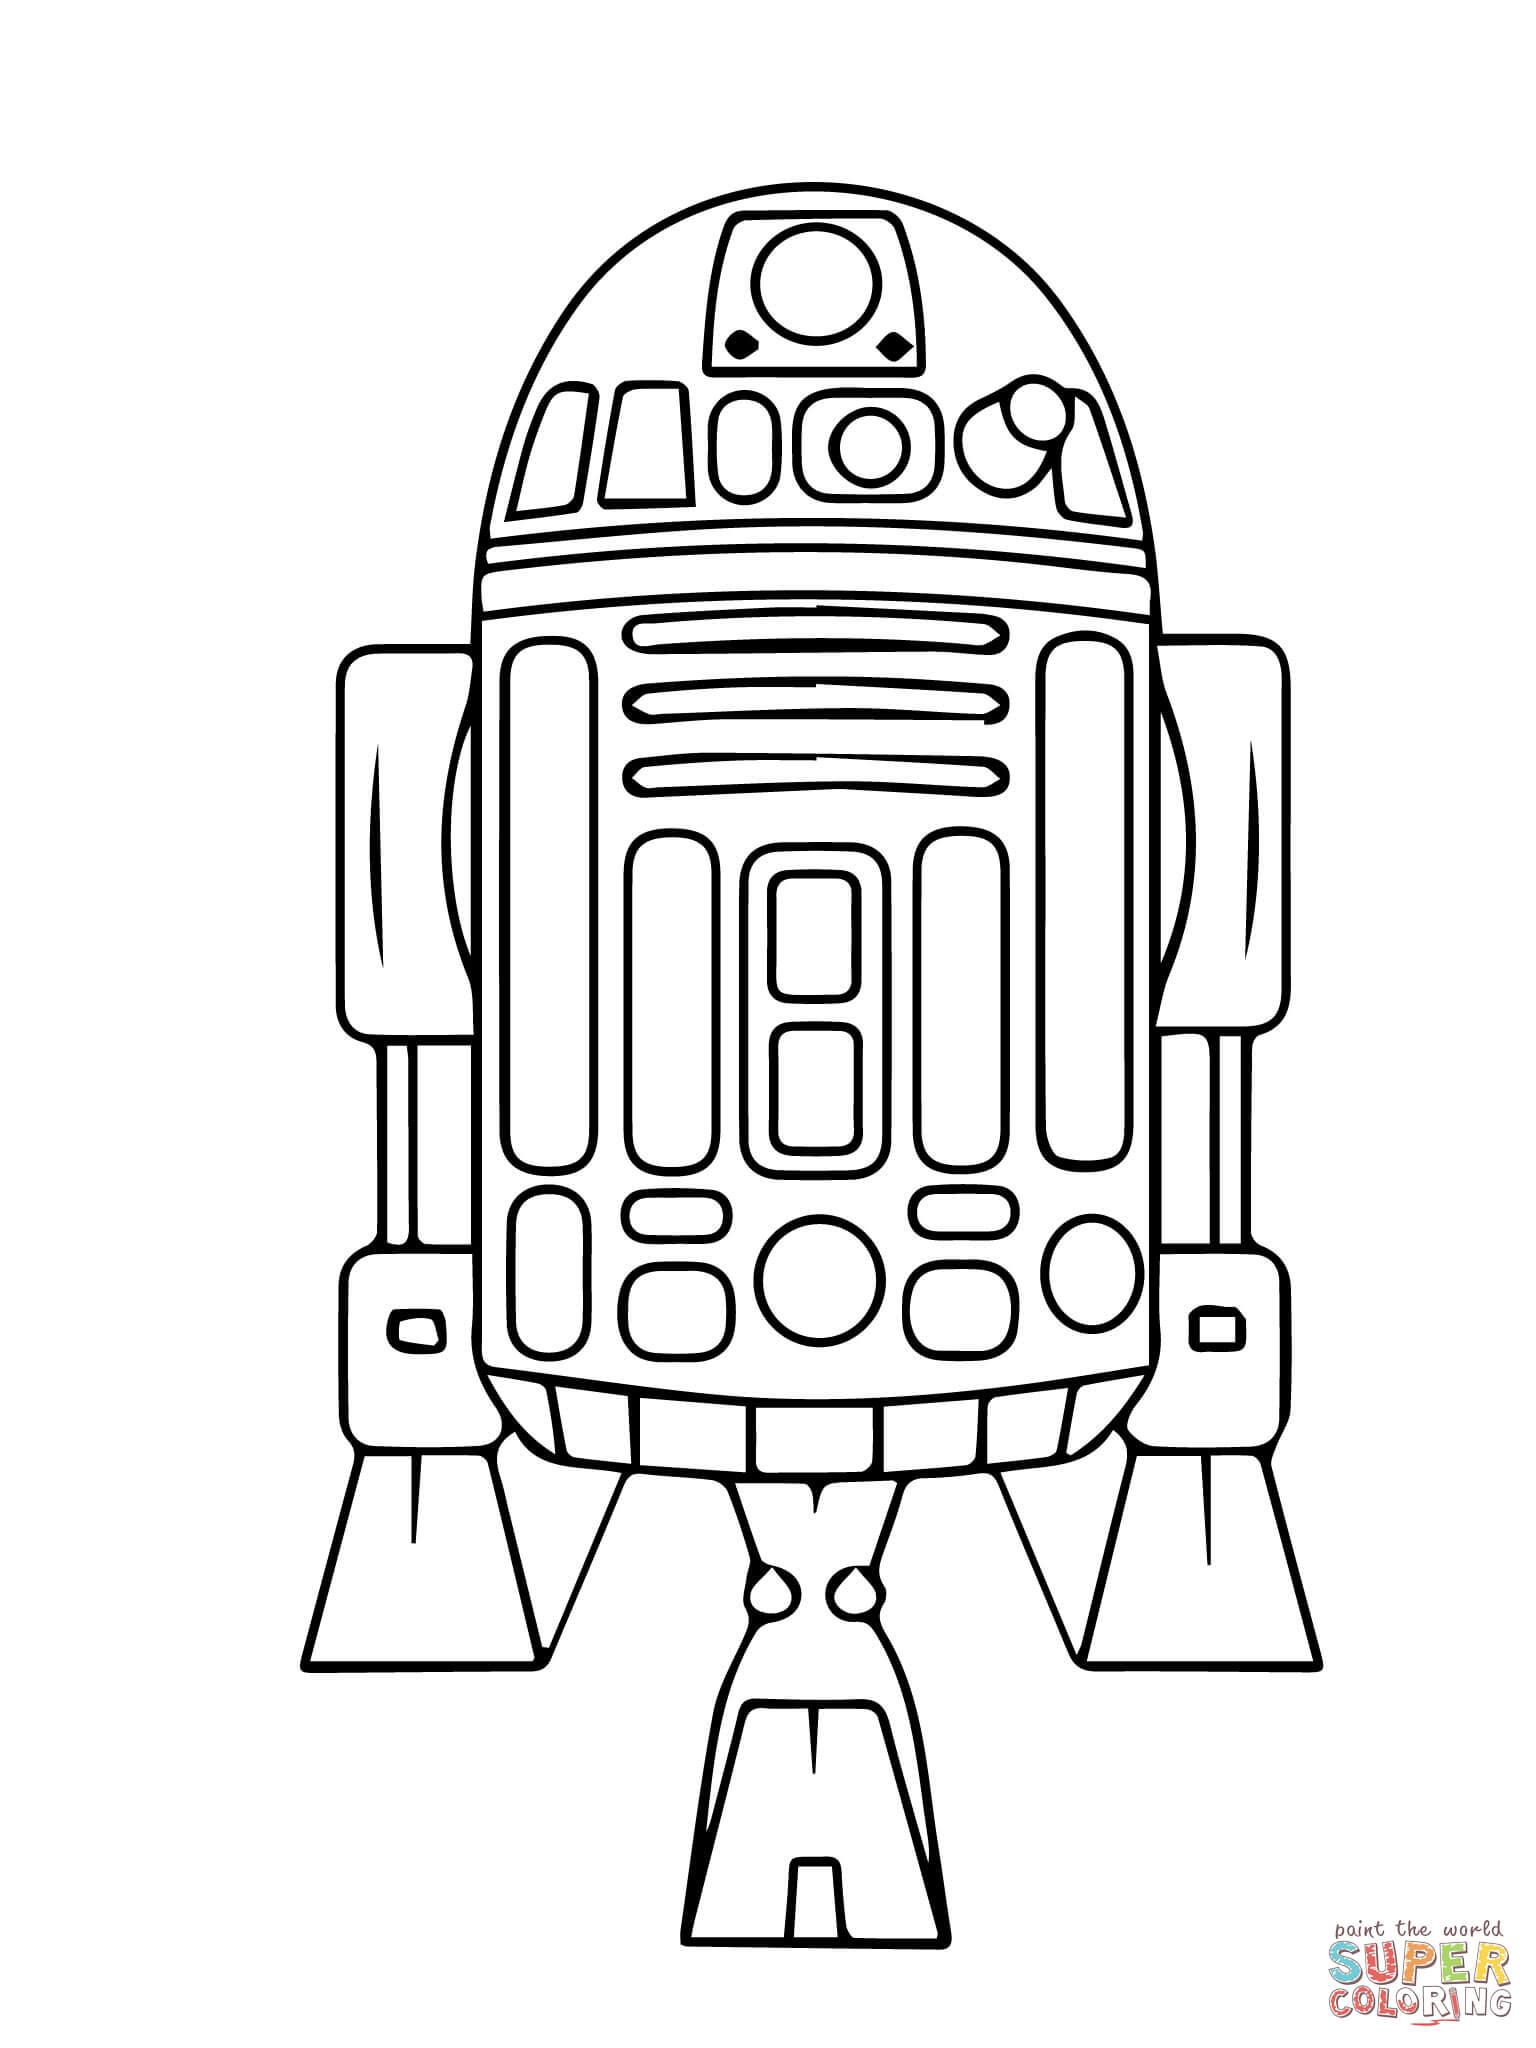 Clip Art R2d2 Coloring Pages Printable r2d2 coloring pages az astromech droid r2 d2 page free printable pages